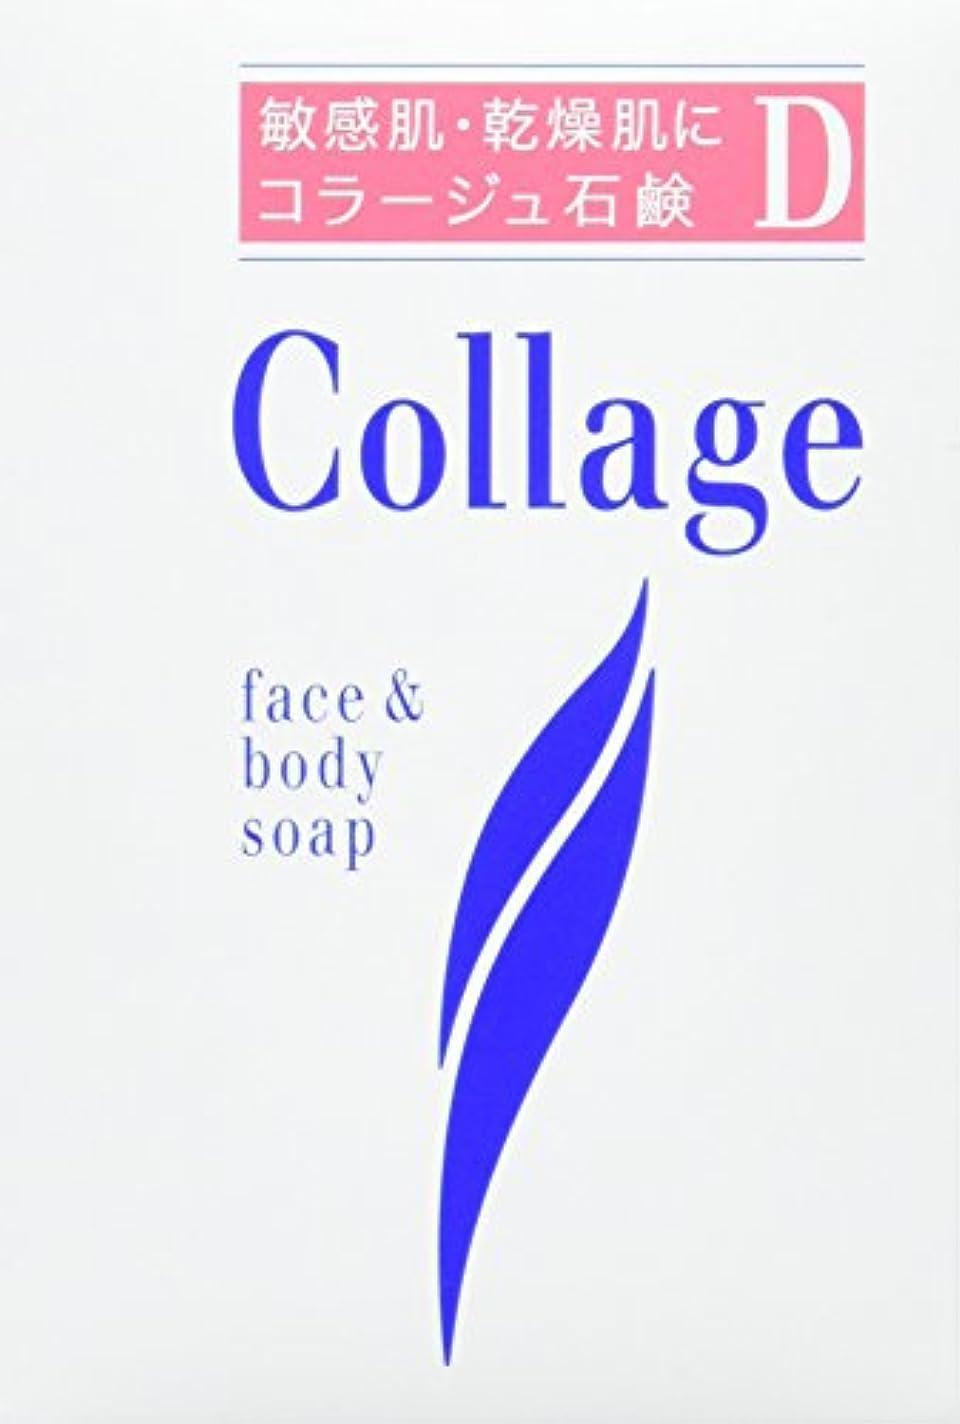 懐低下反乱コラージュ D乾性肌用石鹸 100g